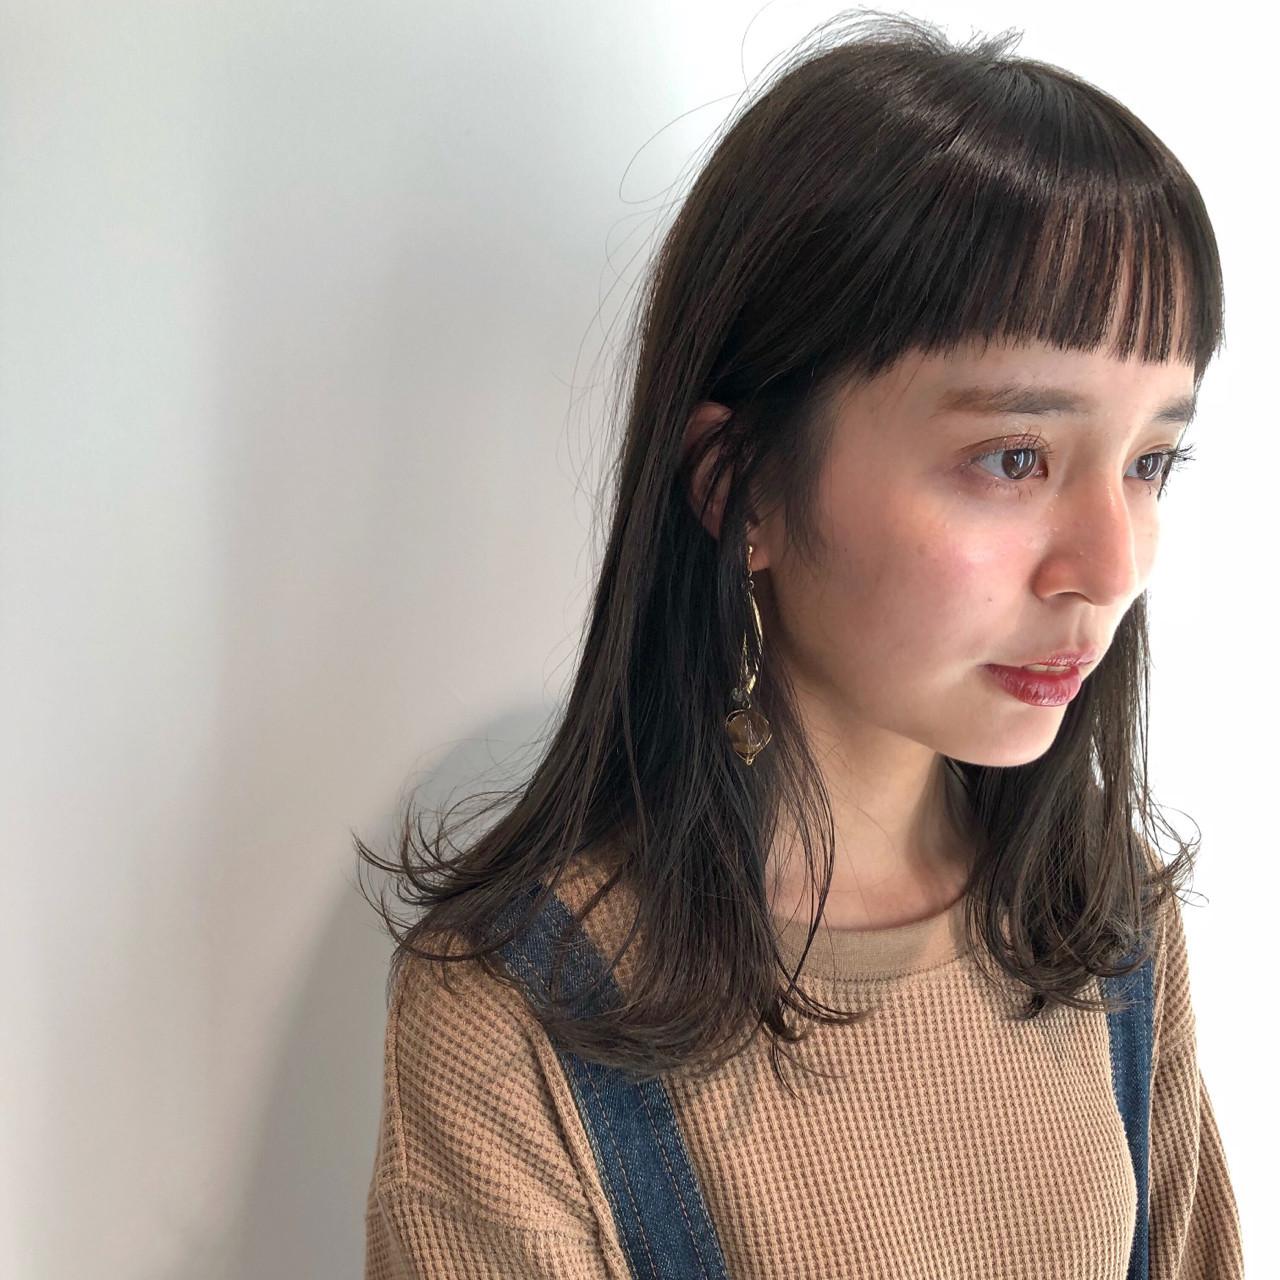 オン眉ぱっつんバングでお目立ちミディアムに♪ 磯田 基徳